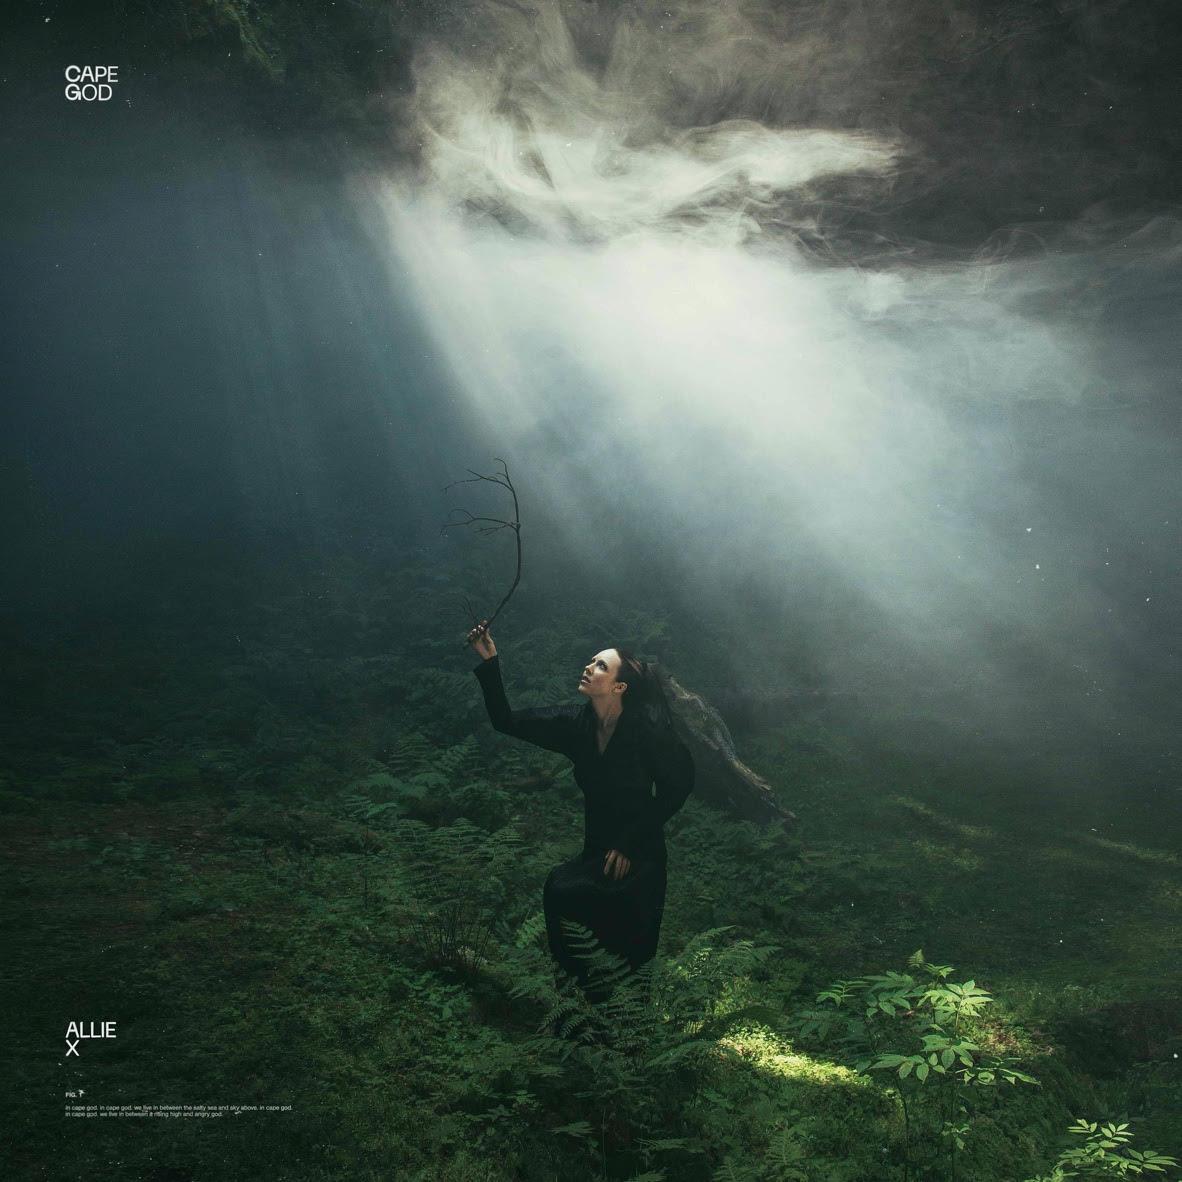 Allie X announces new album 'Cape God'